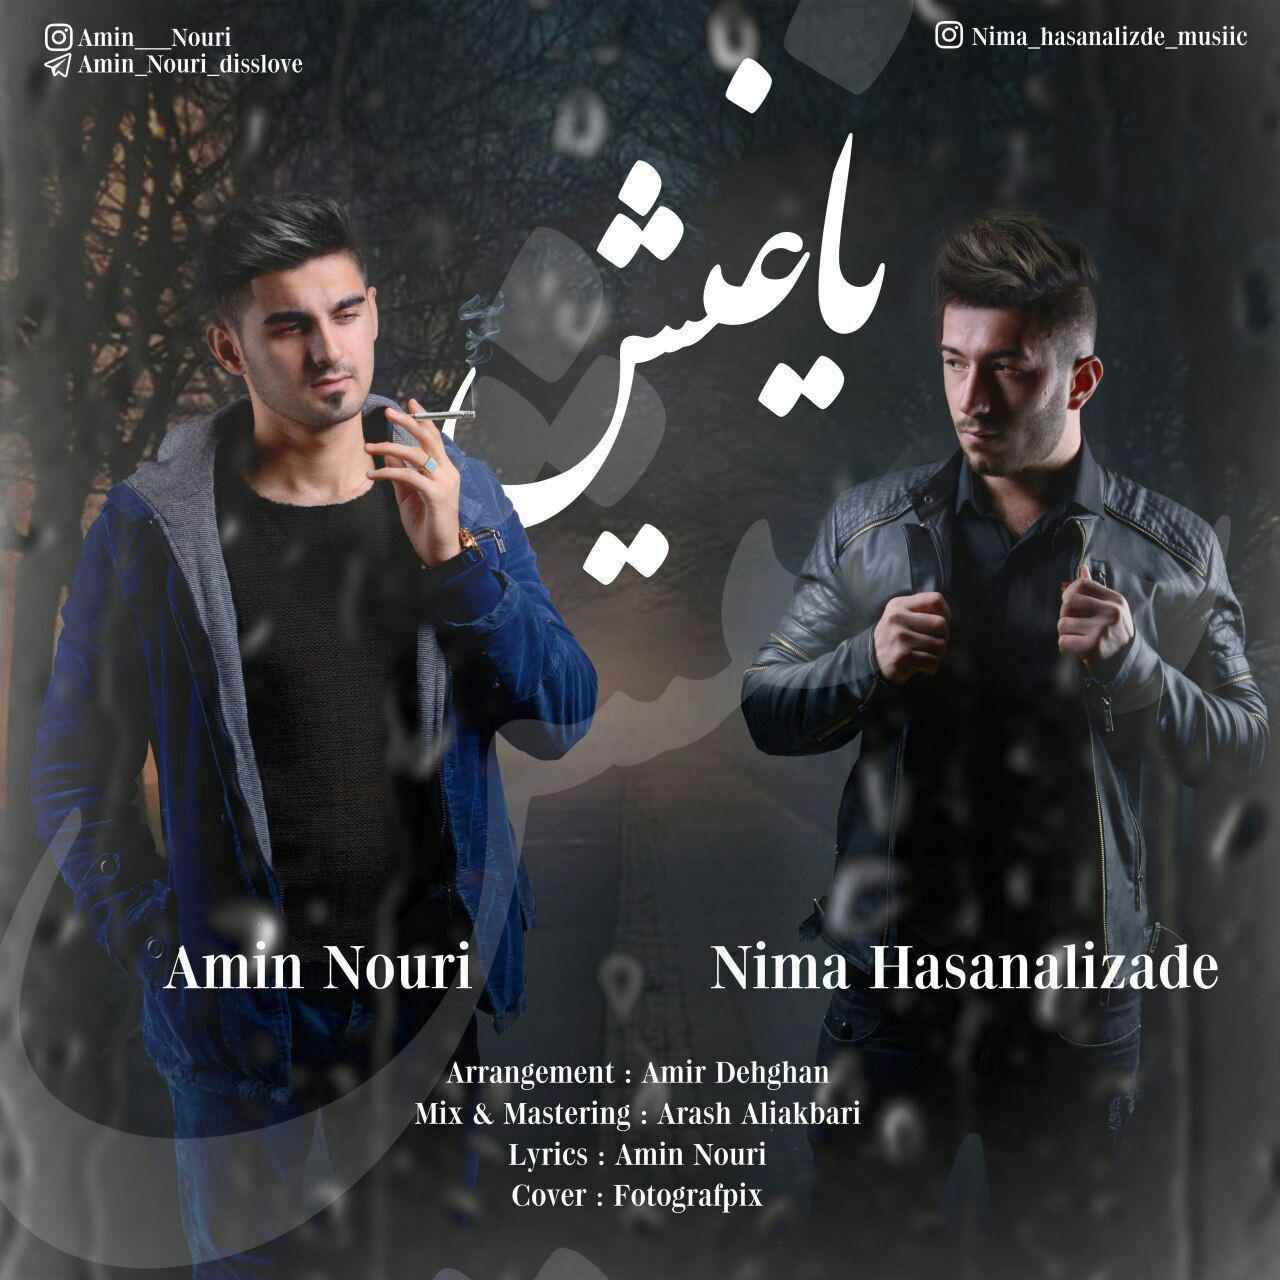 http://birtunes.ir/wp-content/uploads/2019/01/Amin-Nouri-Nima-Hasanalizade-Yaghish.jpg